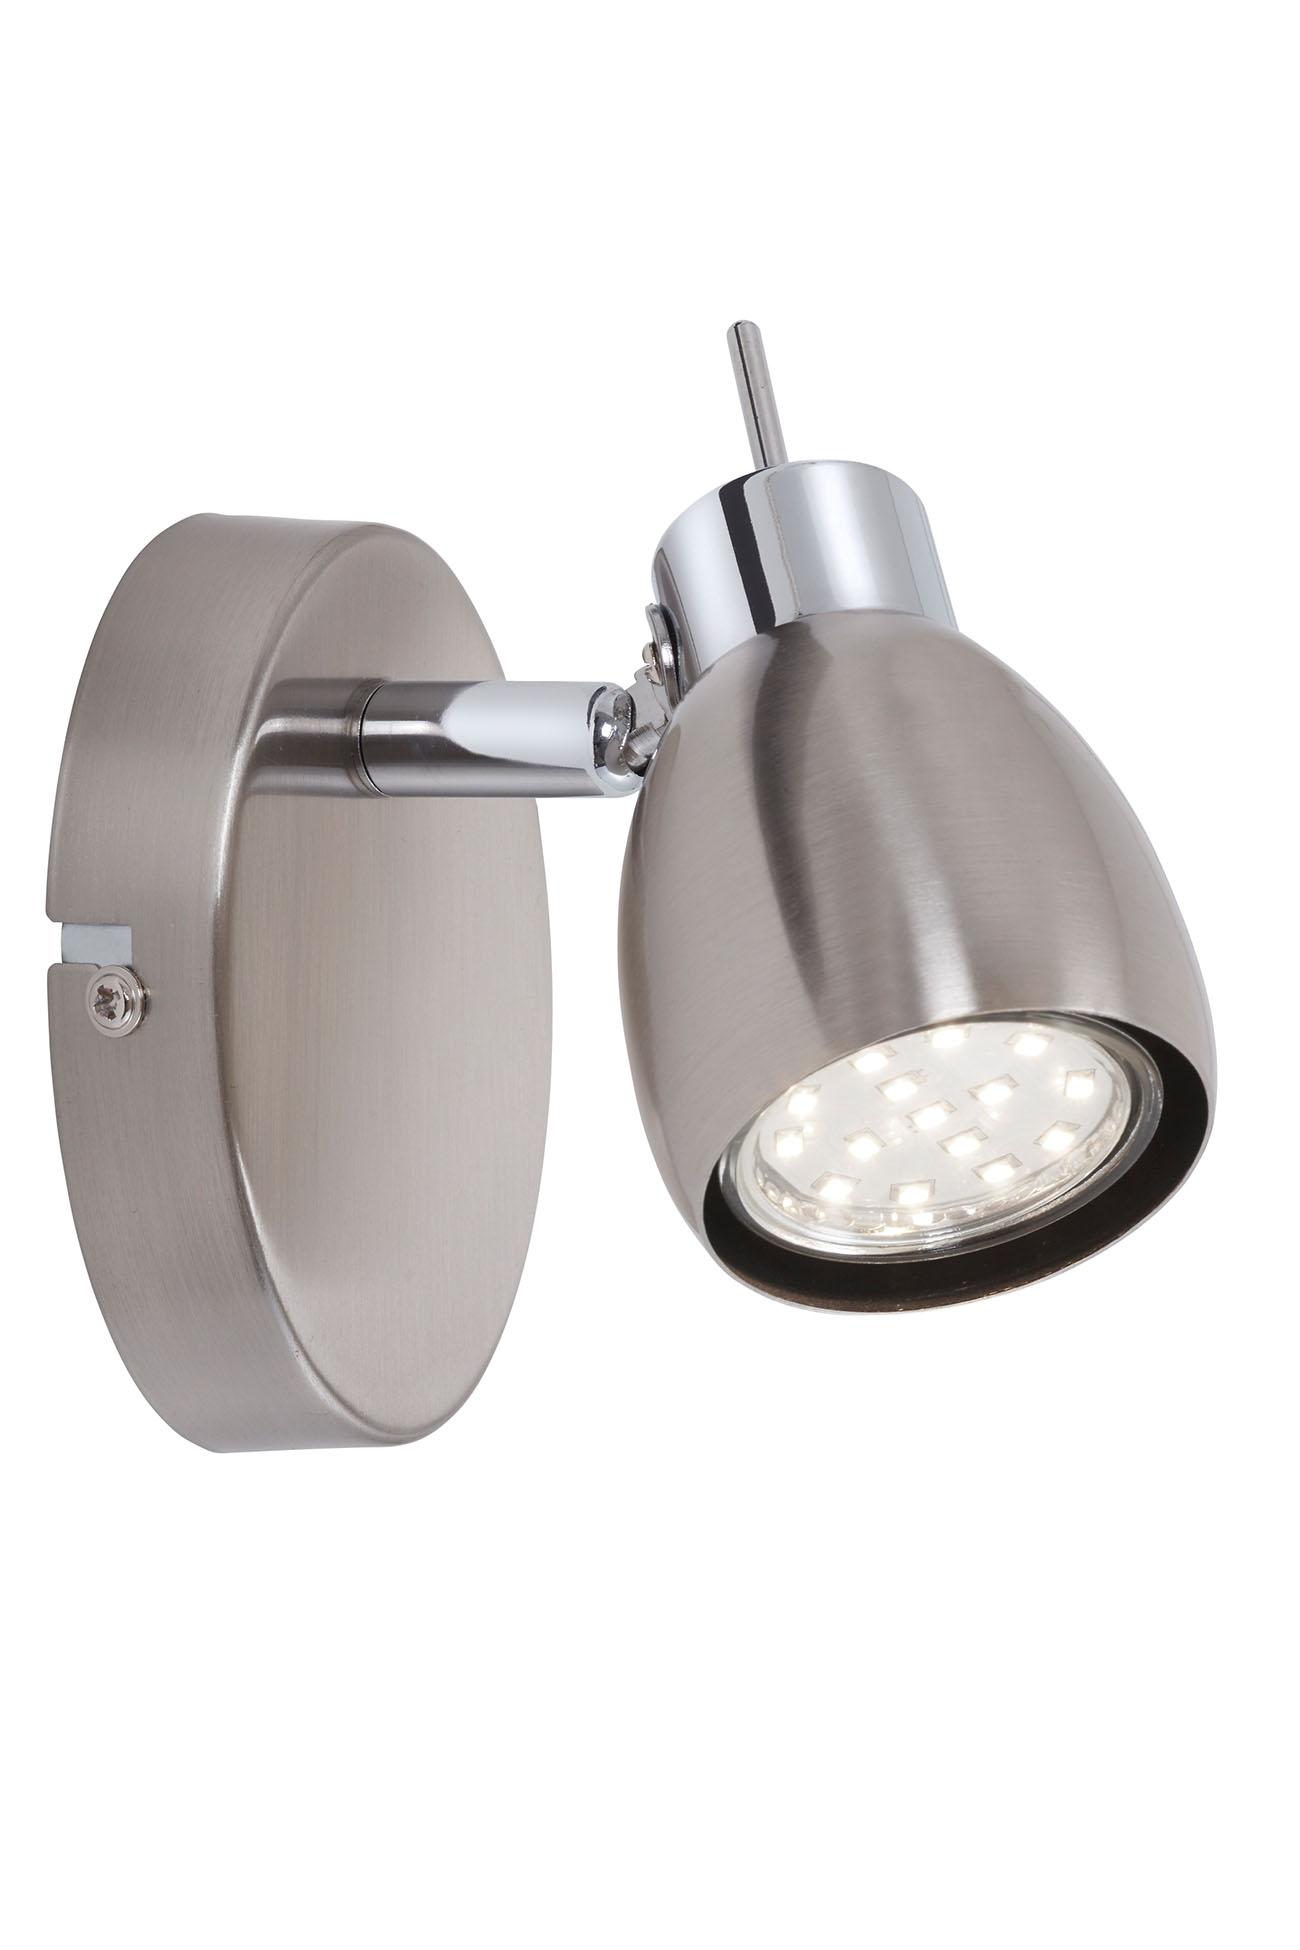 LED Spot Wandleuchte, 10,5 cm, 3 W, Matt-Nickel